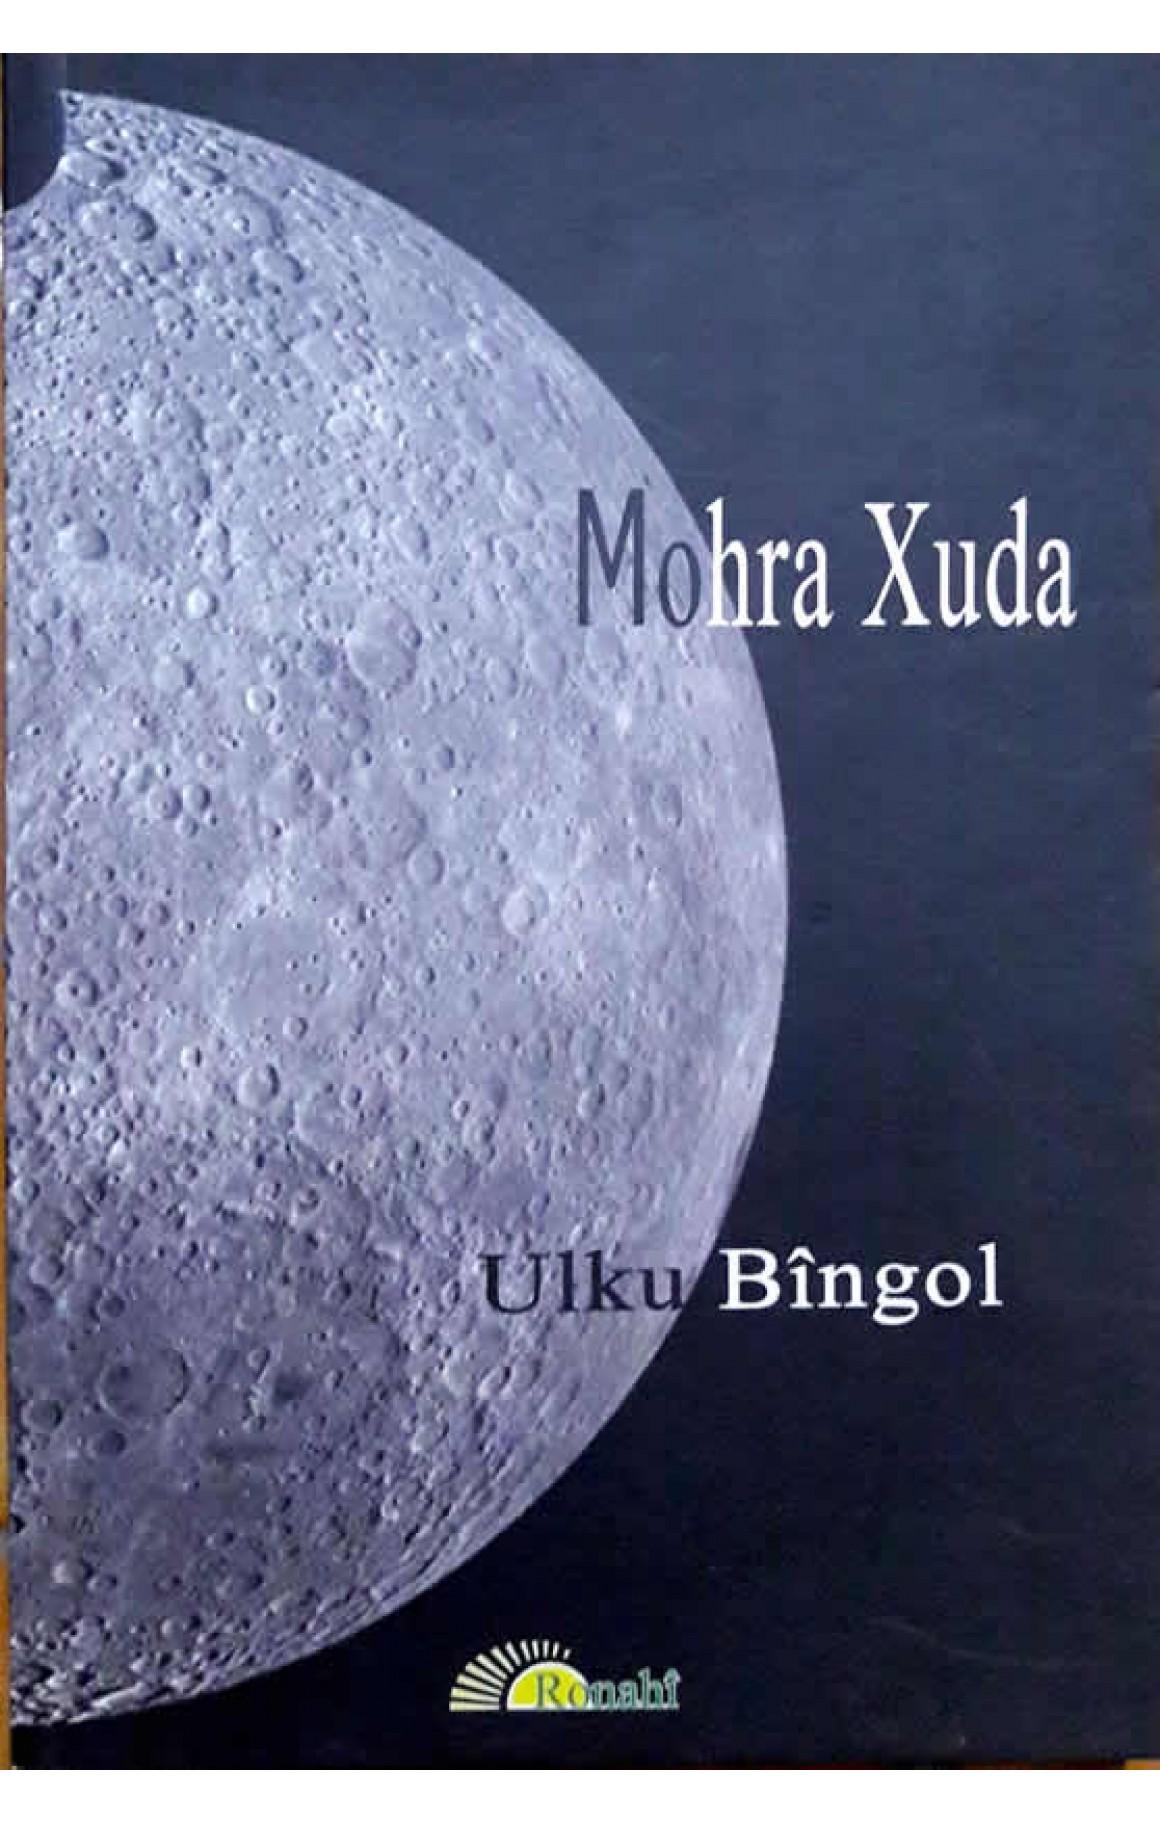 Mohra Xuda